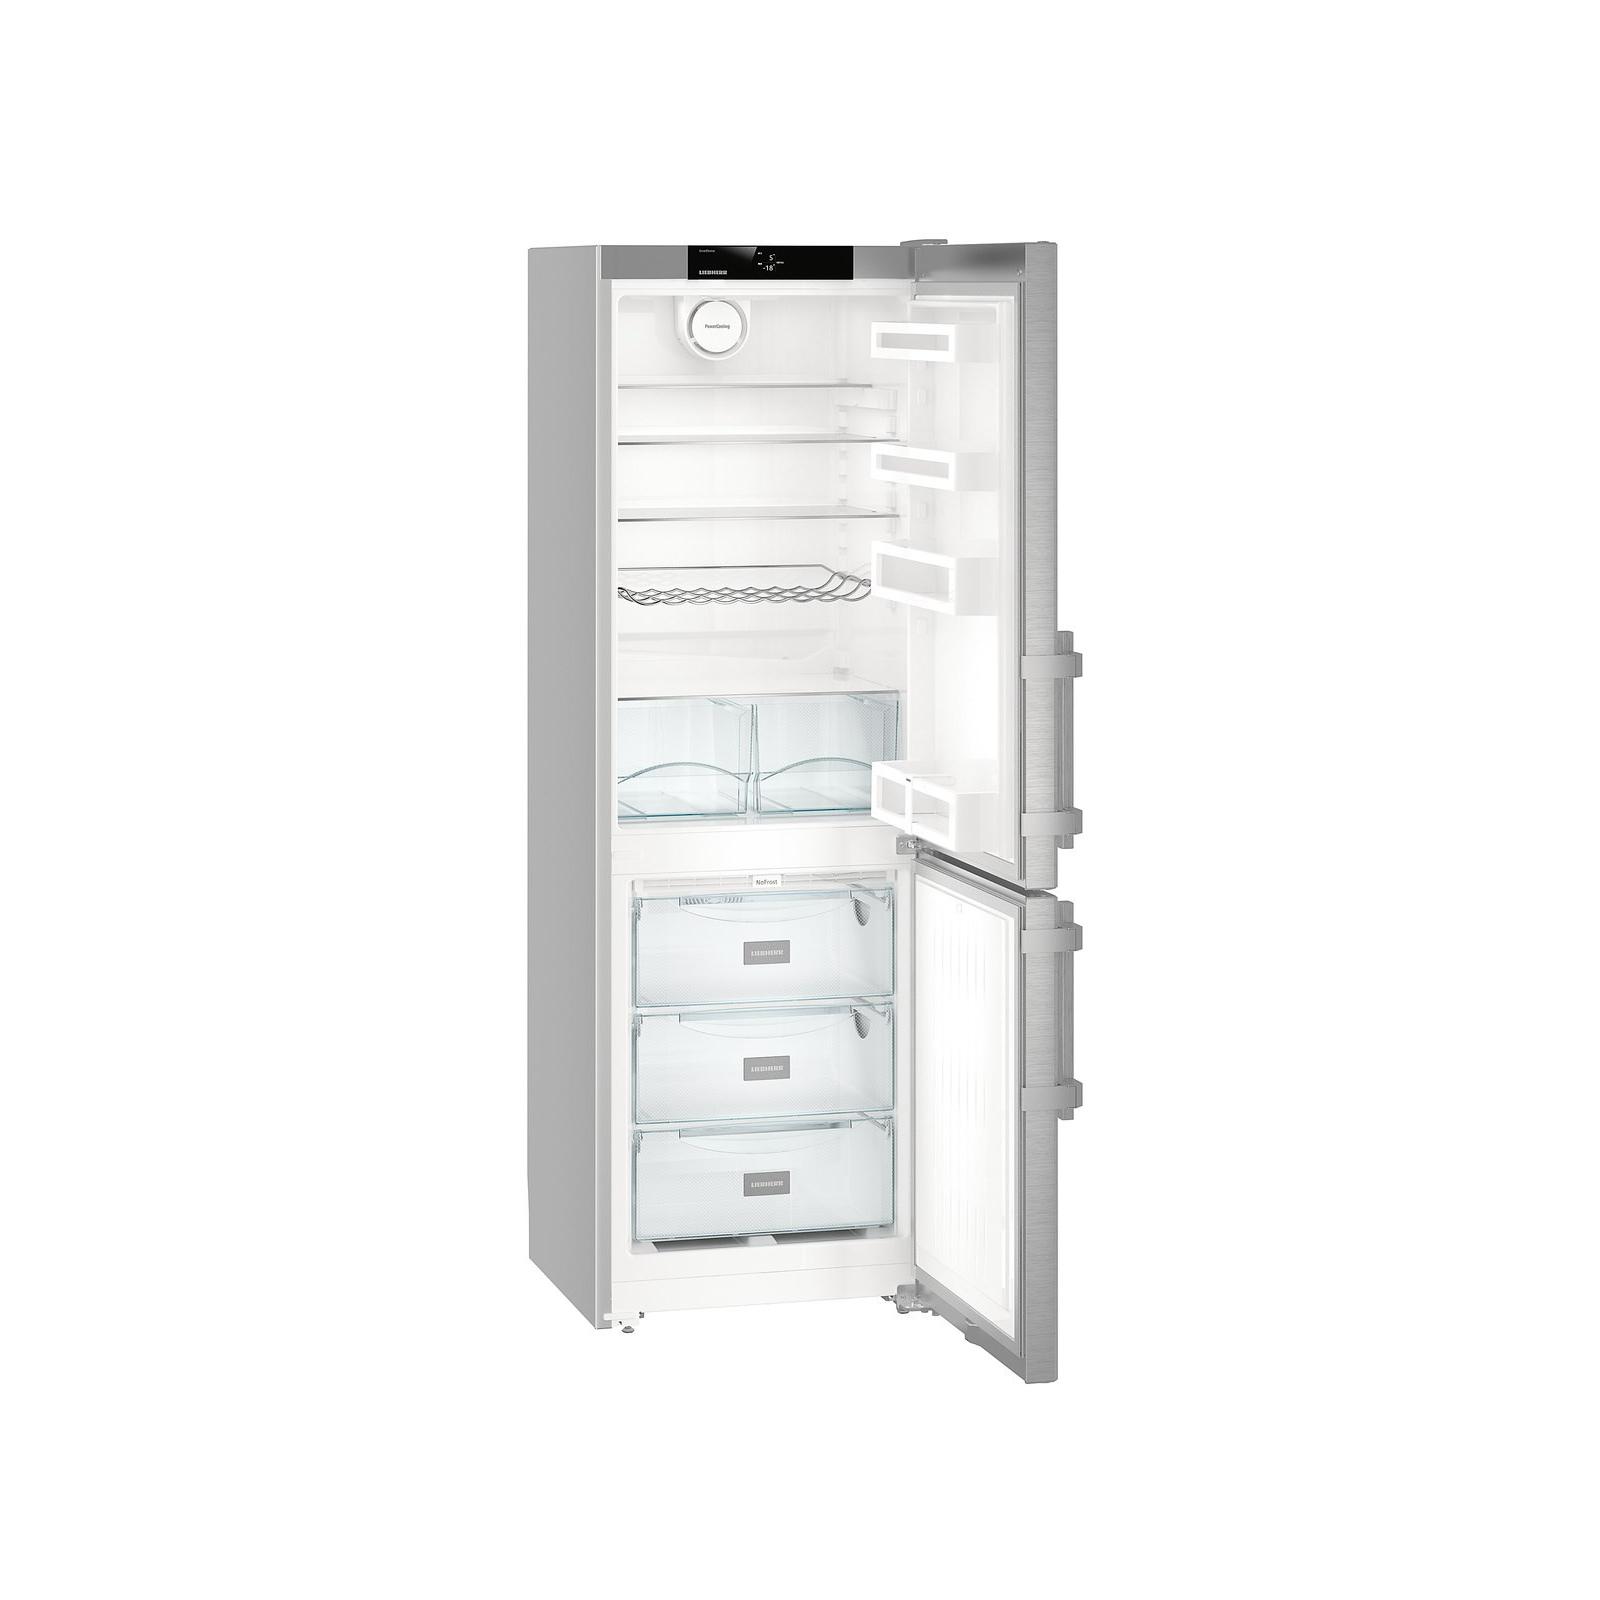 Холодильник Liebherr CNef 3515 изображение 3